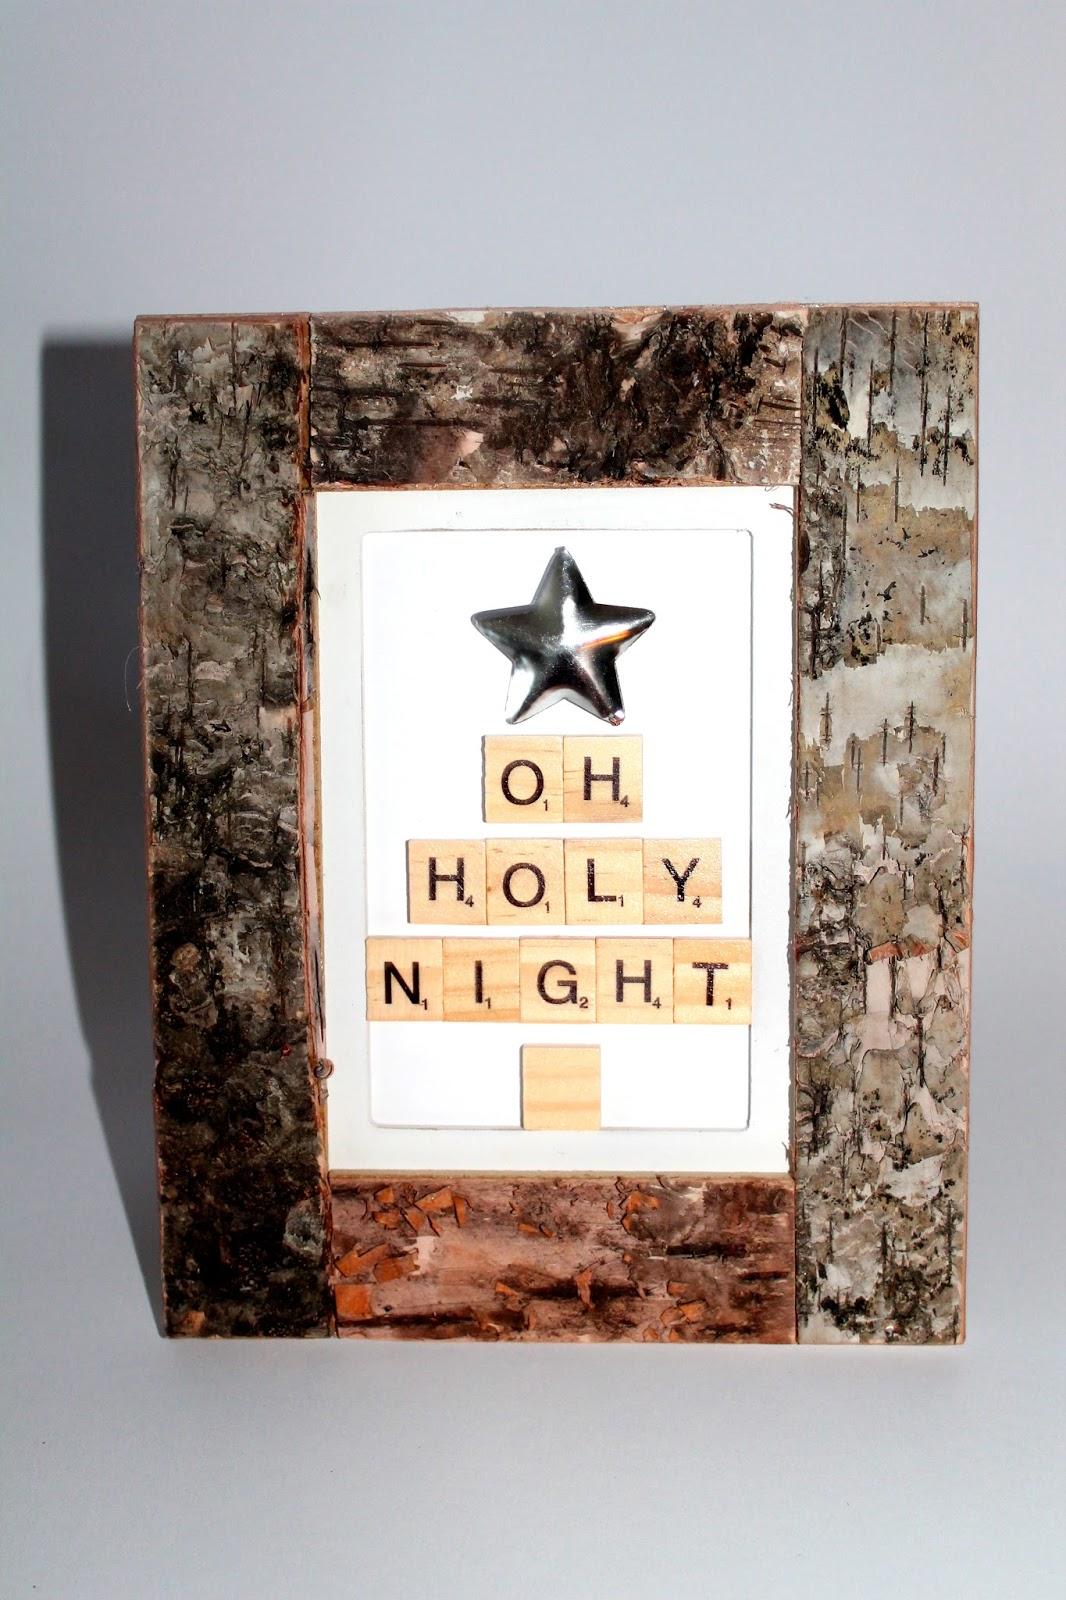 DIY, Basteln: Bild Oh Holy Night mit Scrabble Buchstaben in Weihnachtsdekoration und Wohndekoration - DIYCarinchen